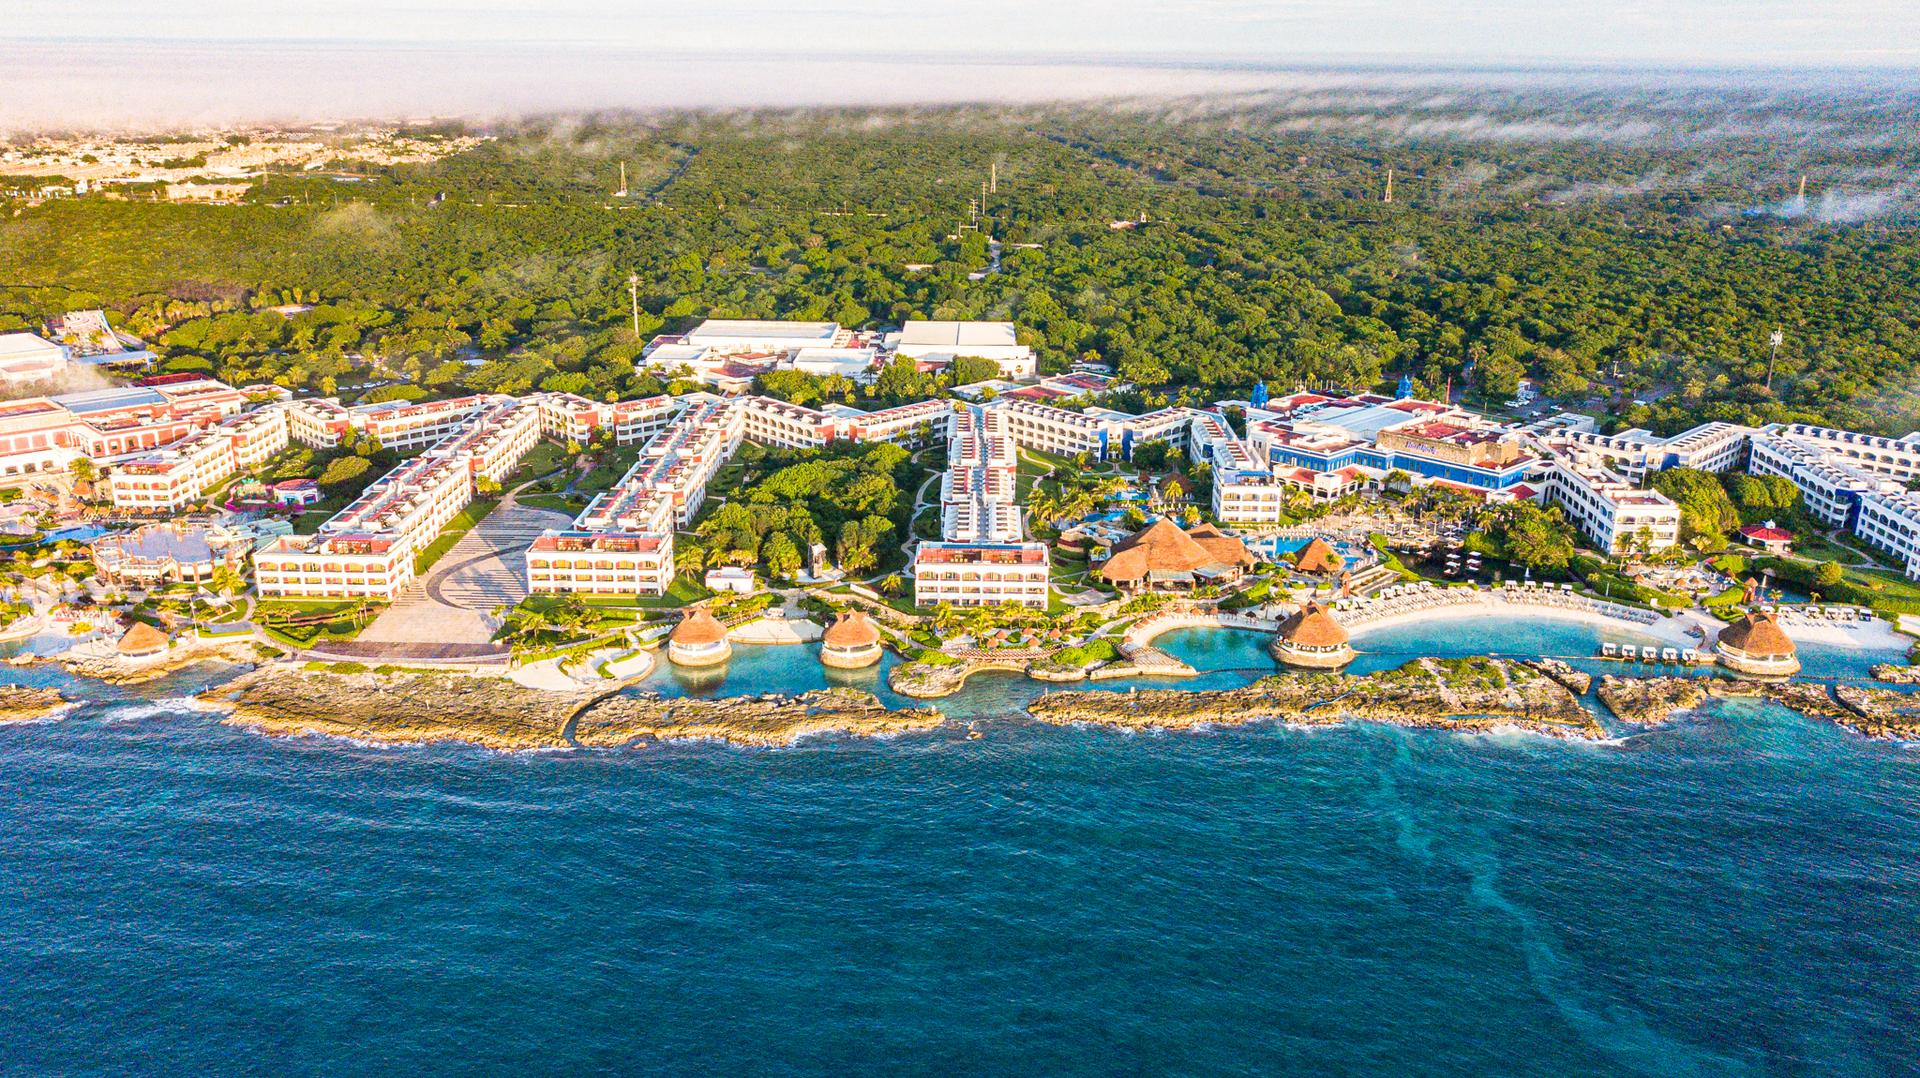 O Hard Rock Café Riviera Maia, em Quintana Roo